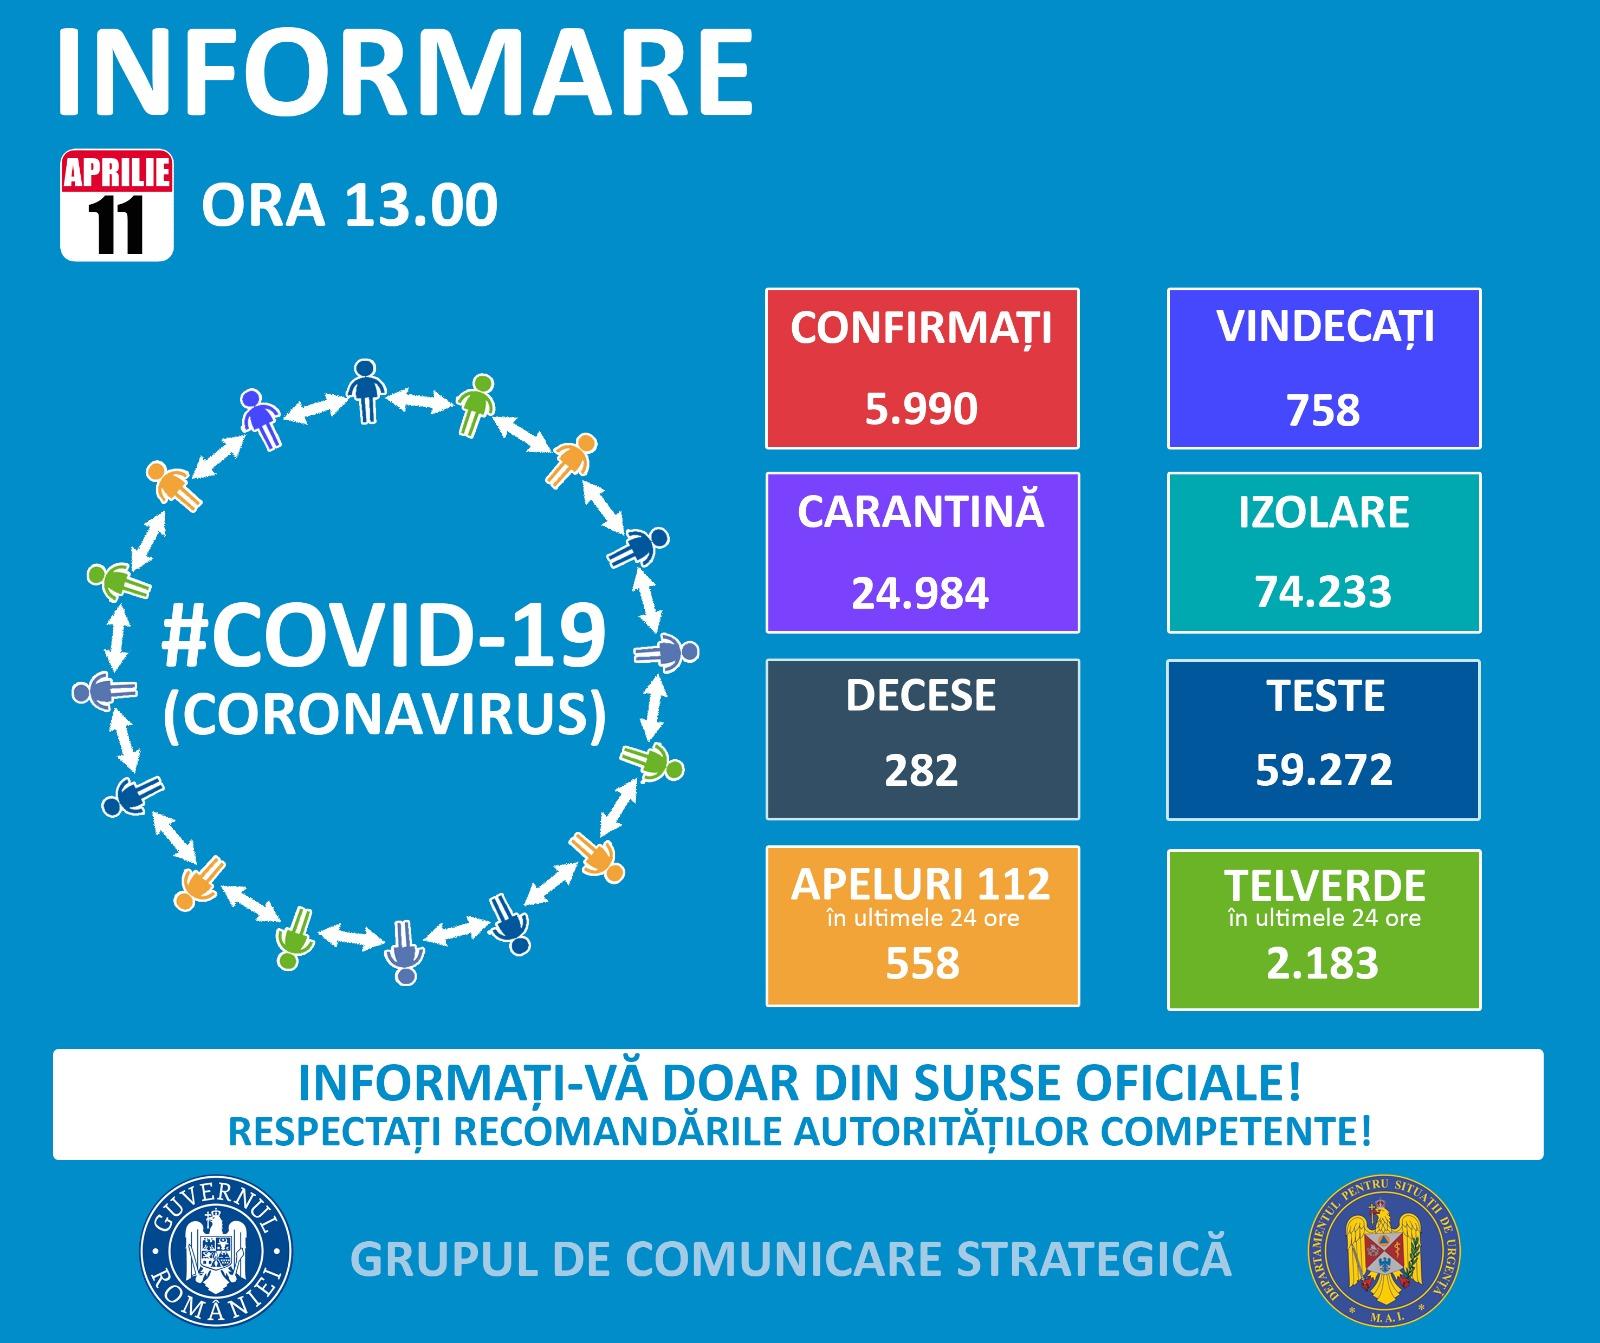 5.990 de cazuri de coronavirus pe teritoriul României. 282 persoane au decedat